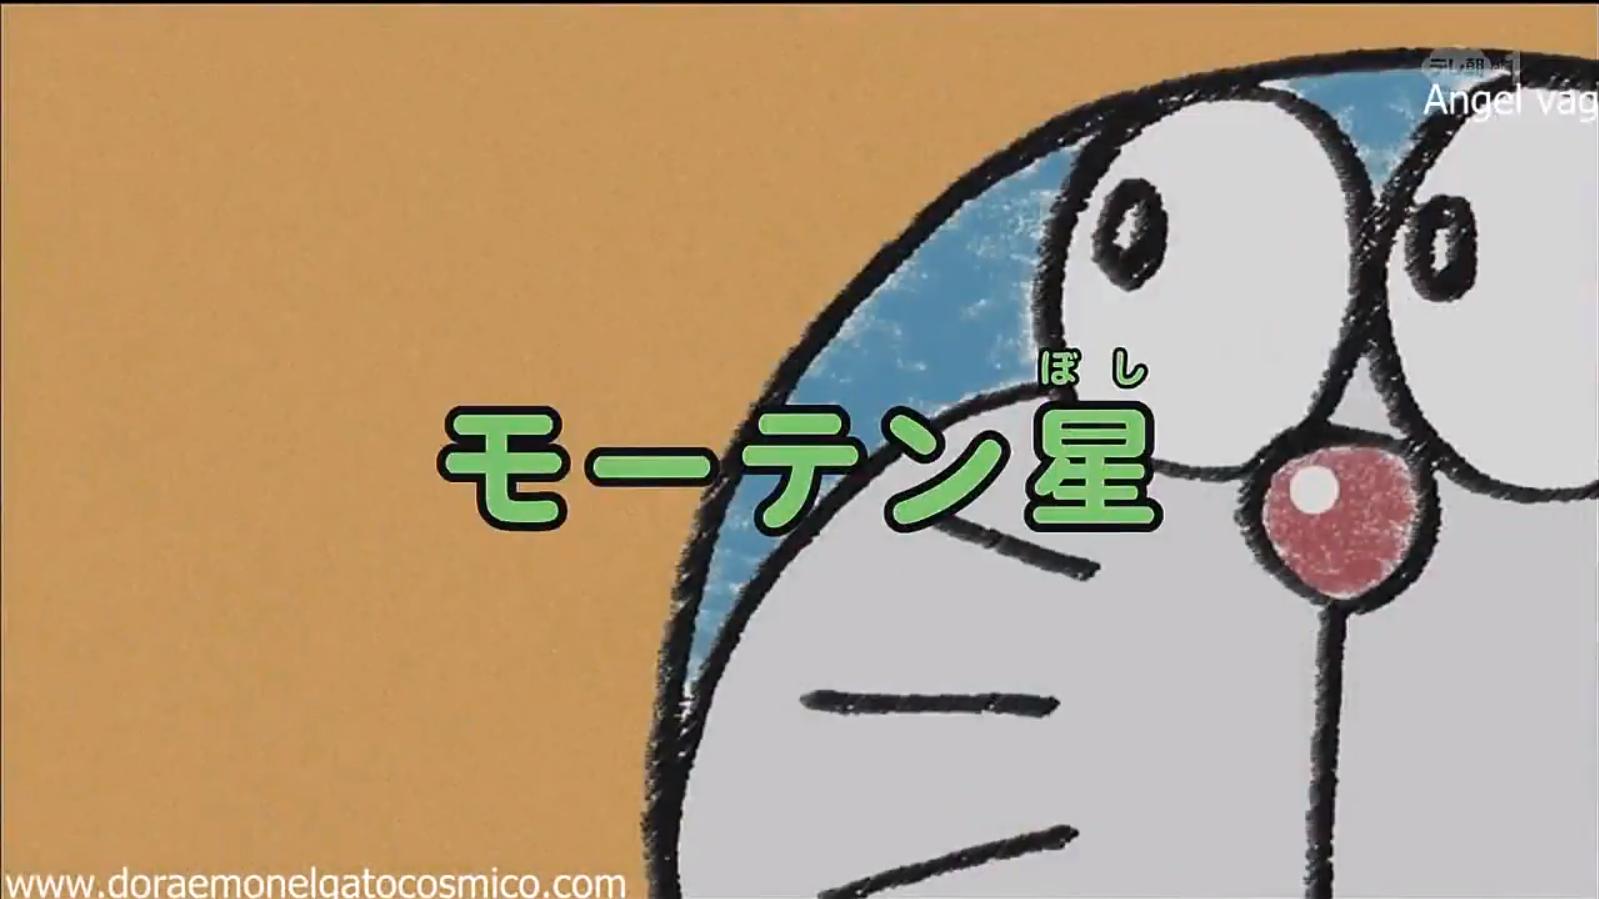 Blind Spot Star/2005 Anime